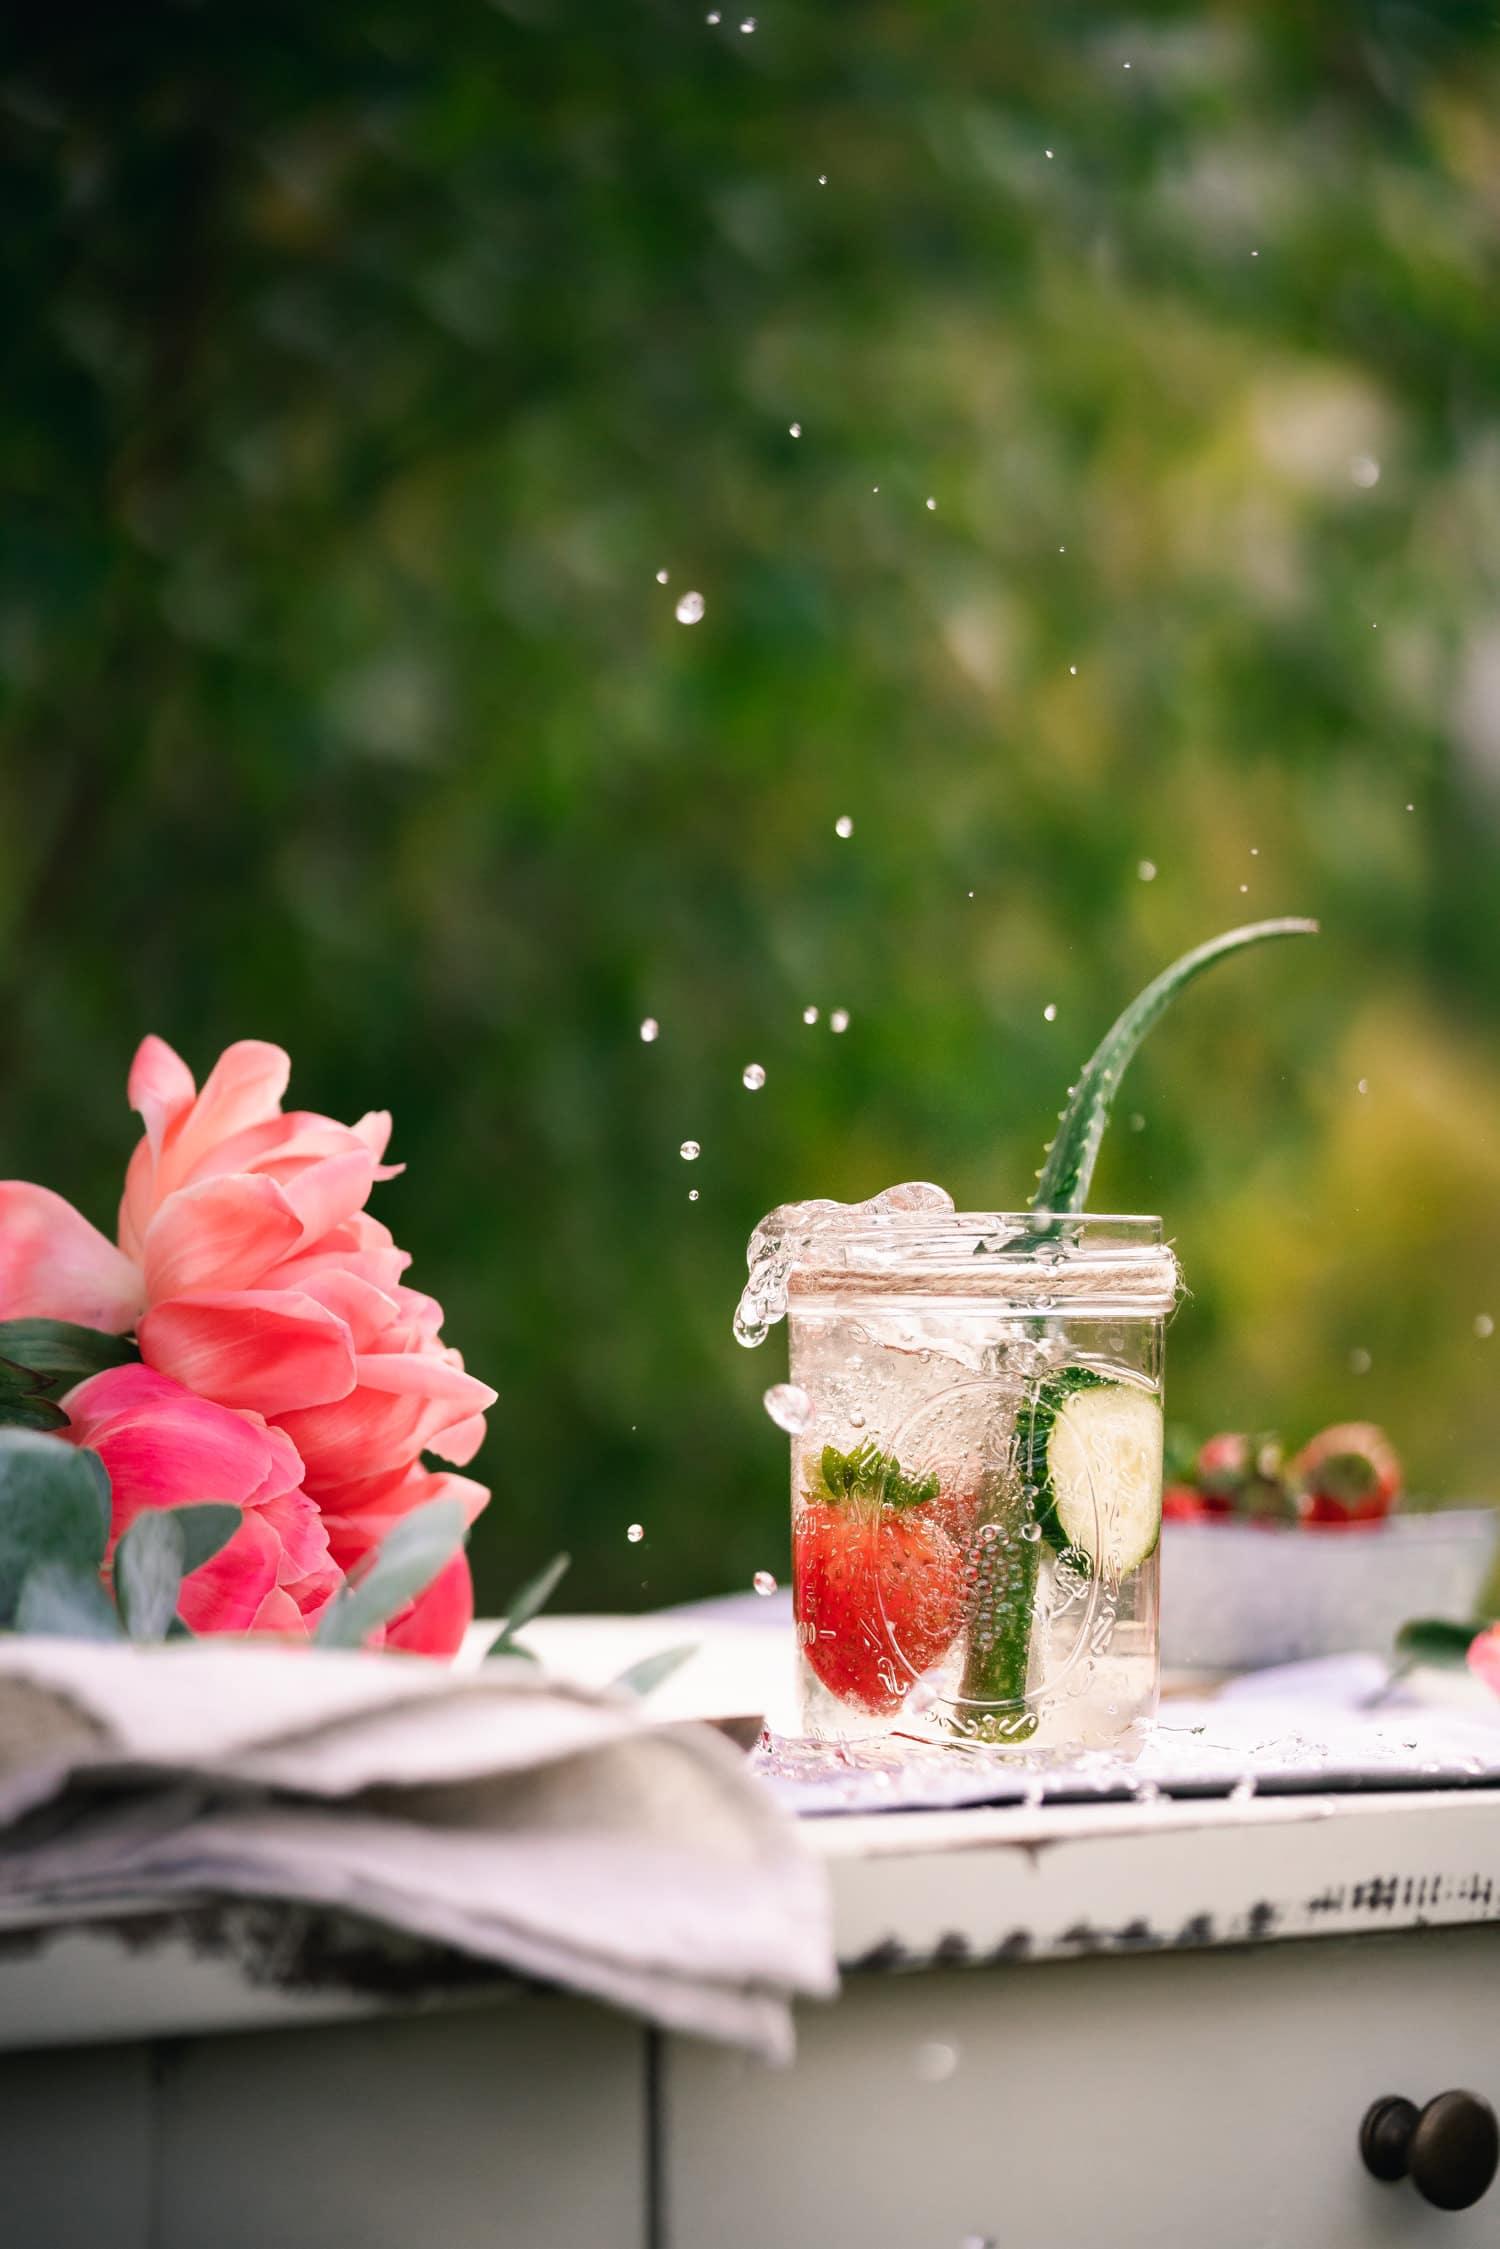 Wasser mit Geschmack: Aloe Vera Saft, Erdbeeren und Gurke